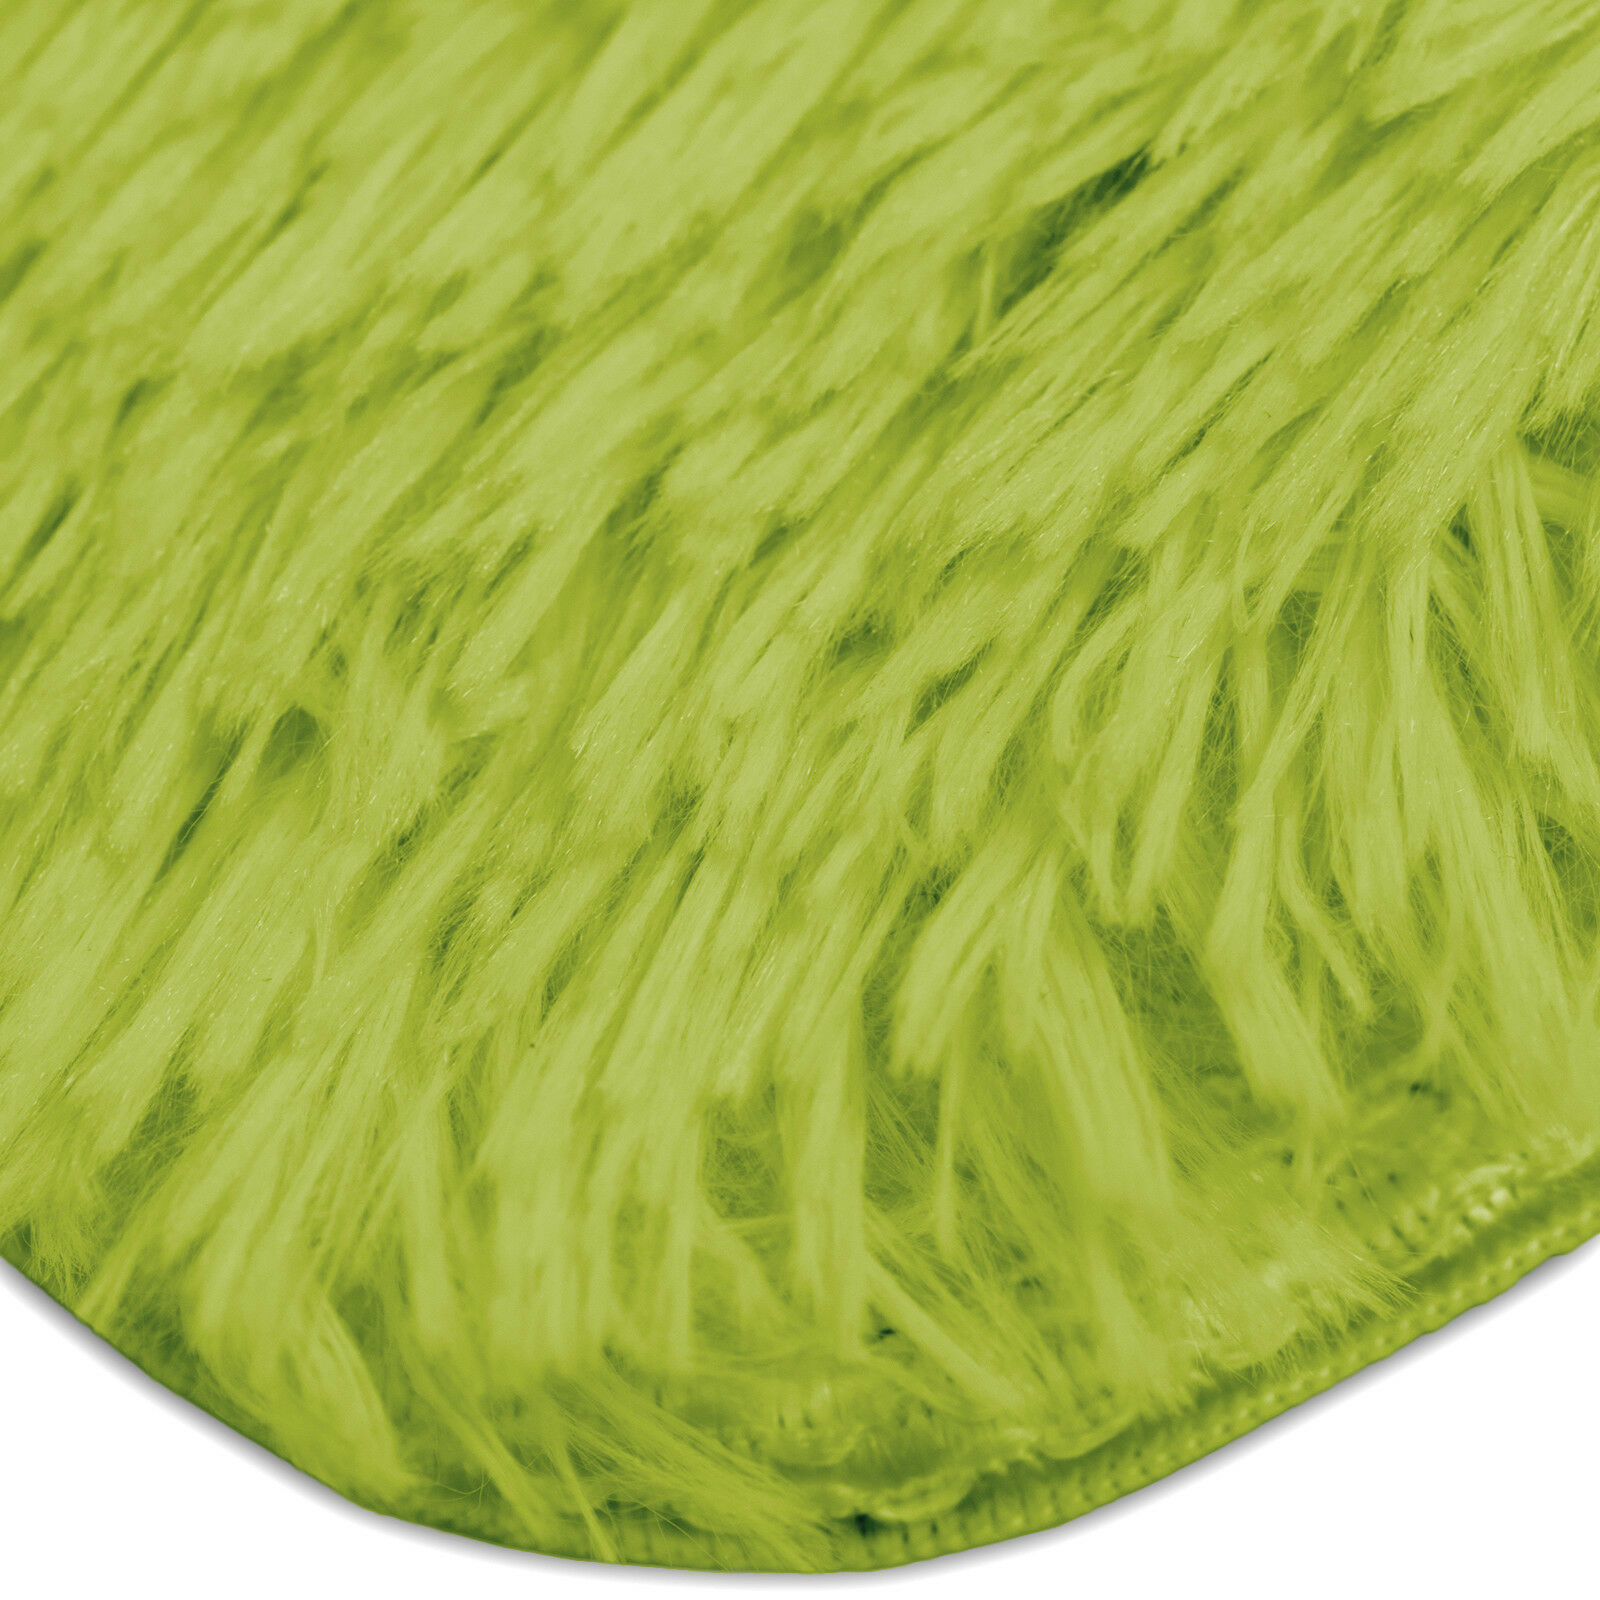 Tappeto in fibra a misure pelo lungo in diverse misure a Coloreeei per salotto casa ufficio cd8183